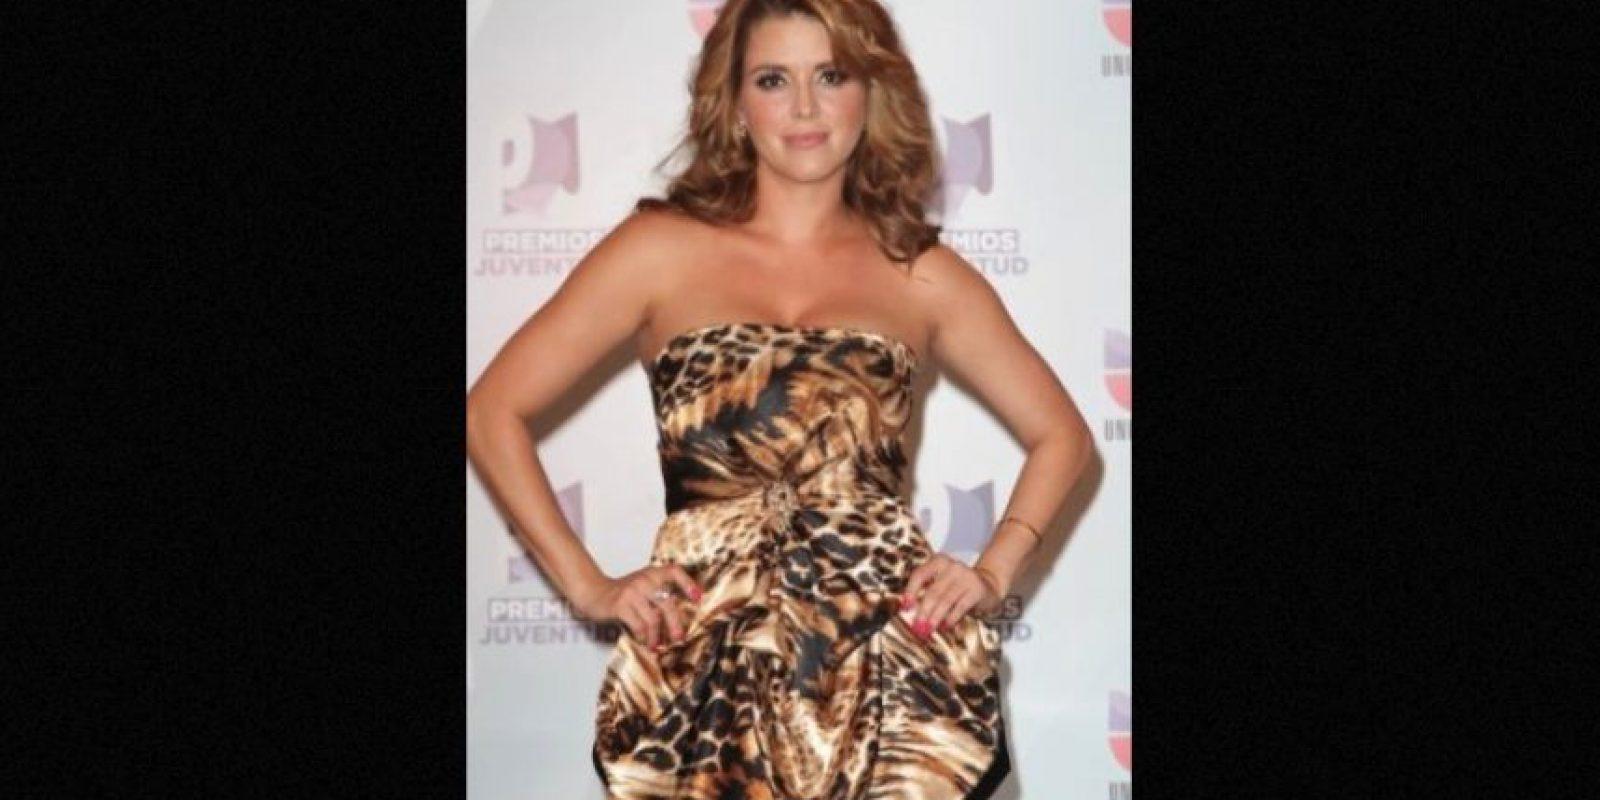 """¡Por mi salud! Ojalá me hubieran defendido y protegido de la rata Nazi (durante) Miss Universo 96, con apenas 18 años!"""", escribió en su cuenta de Twitter la ex Miss Universo Foto:Getty Images"""